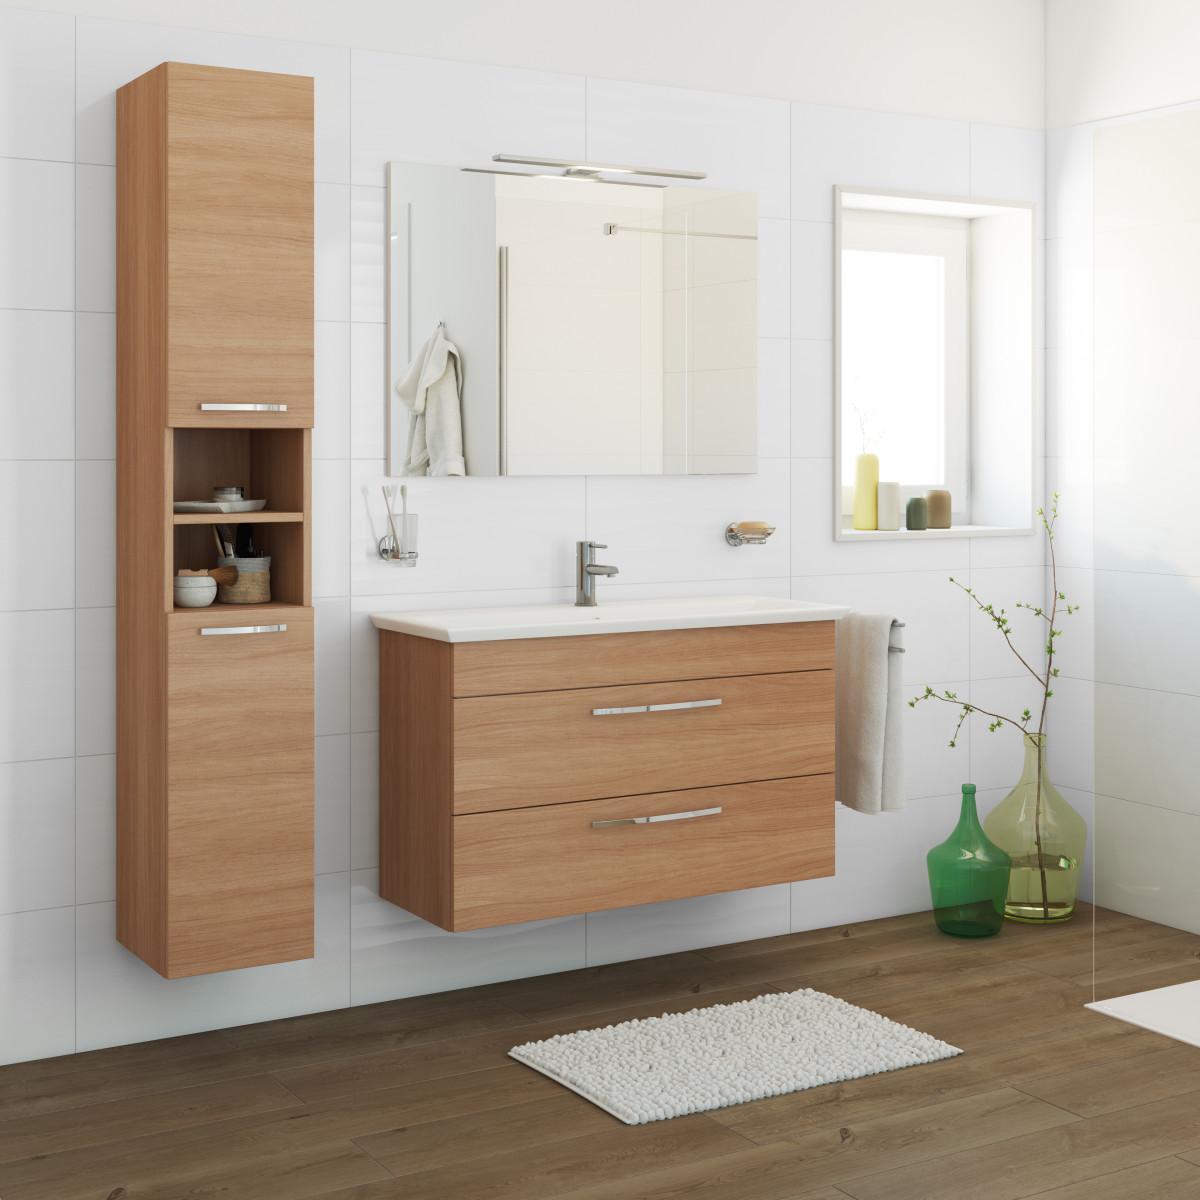 Disegno vintage bagno for Offerta mobili bagno sospesi